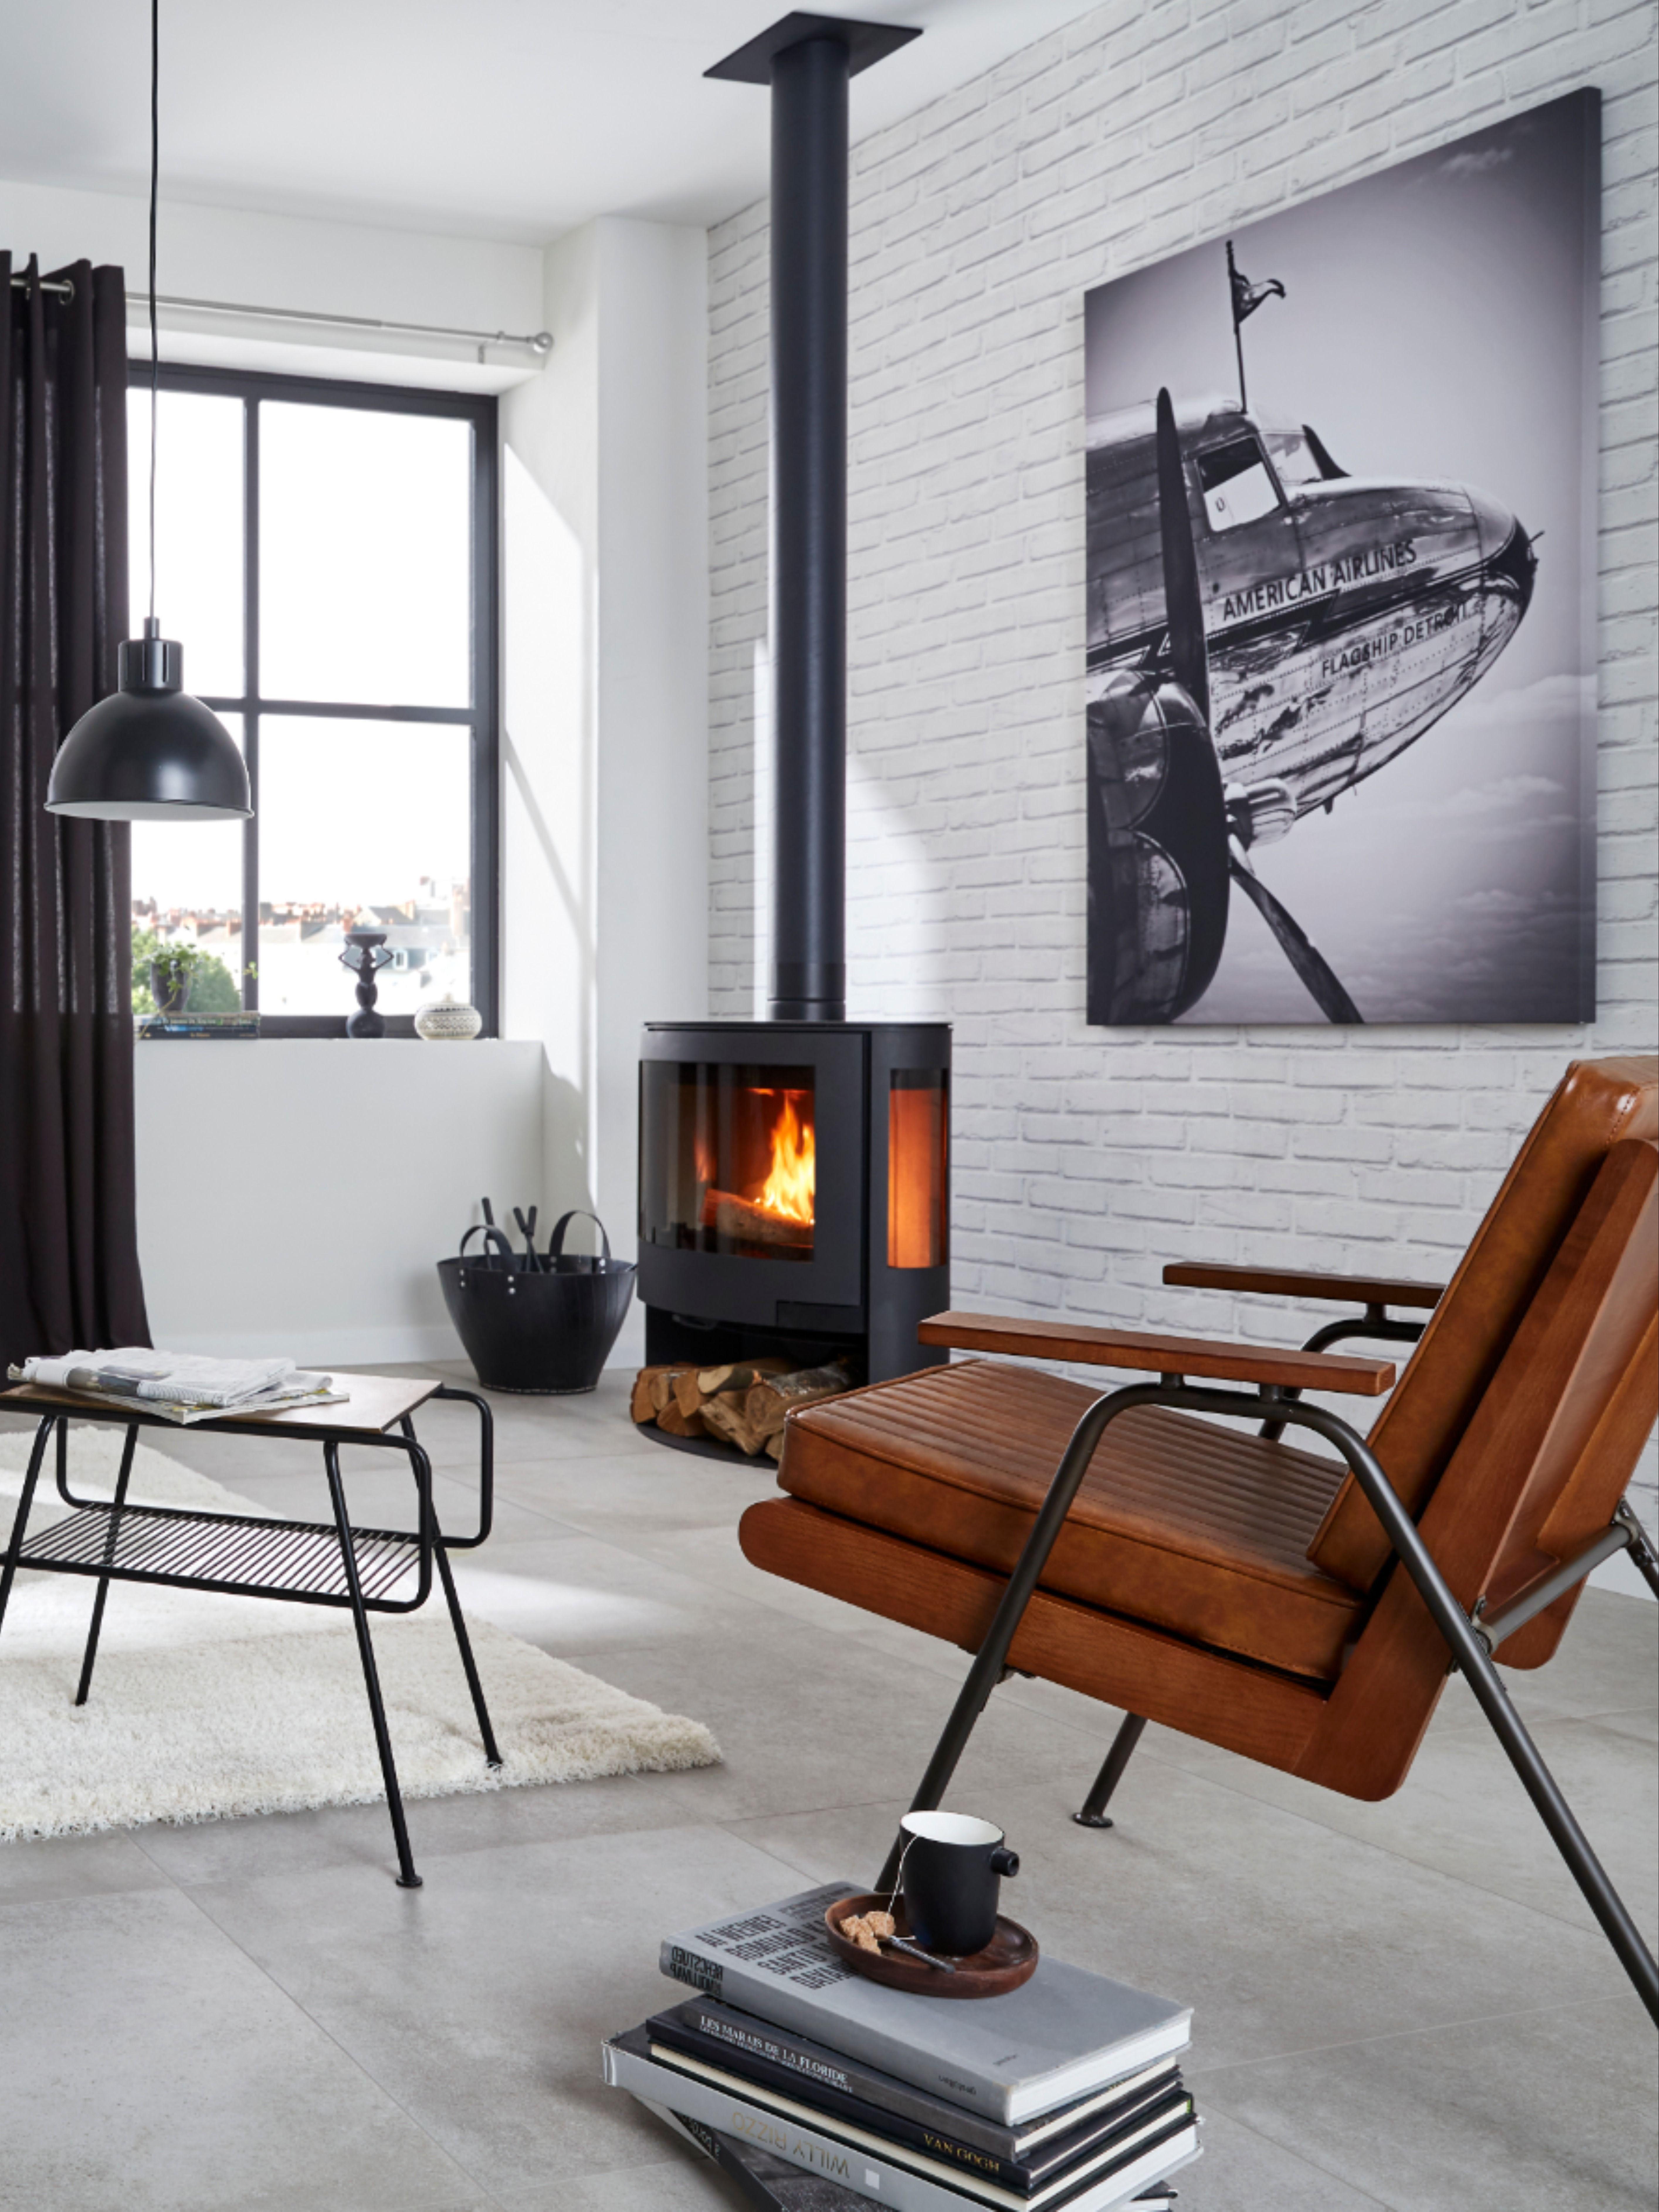 Carrelage Beton Papier Peint Brique Motifs Arty Geometriques Luminaires Et Miroirs En Metal Noir Une Nouve En 2020 Decoration Maison Piece A Vivre Maison Art Deco